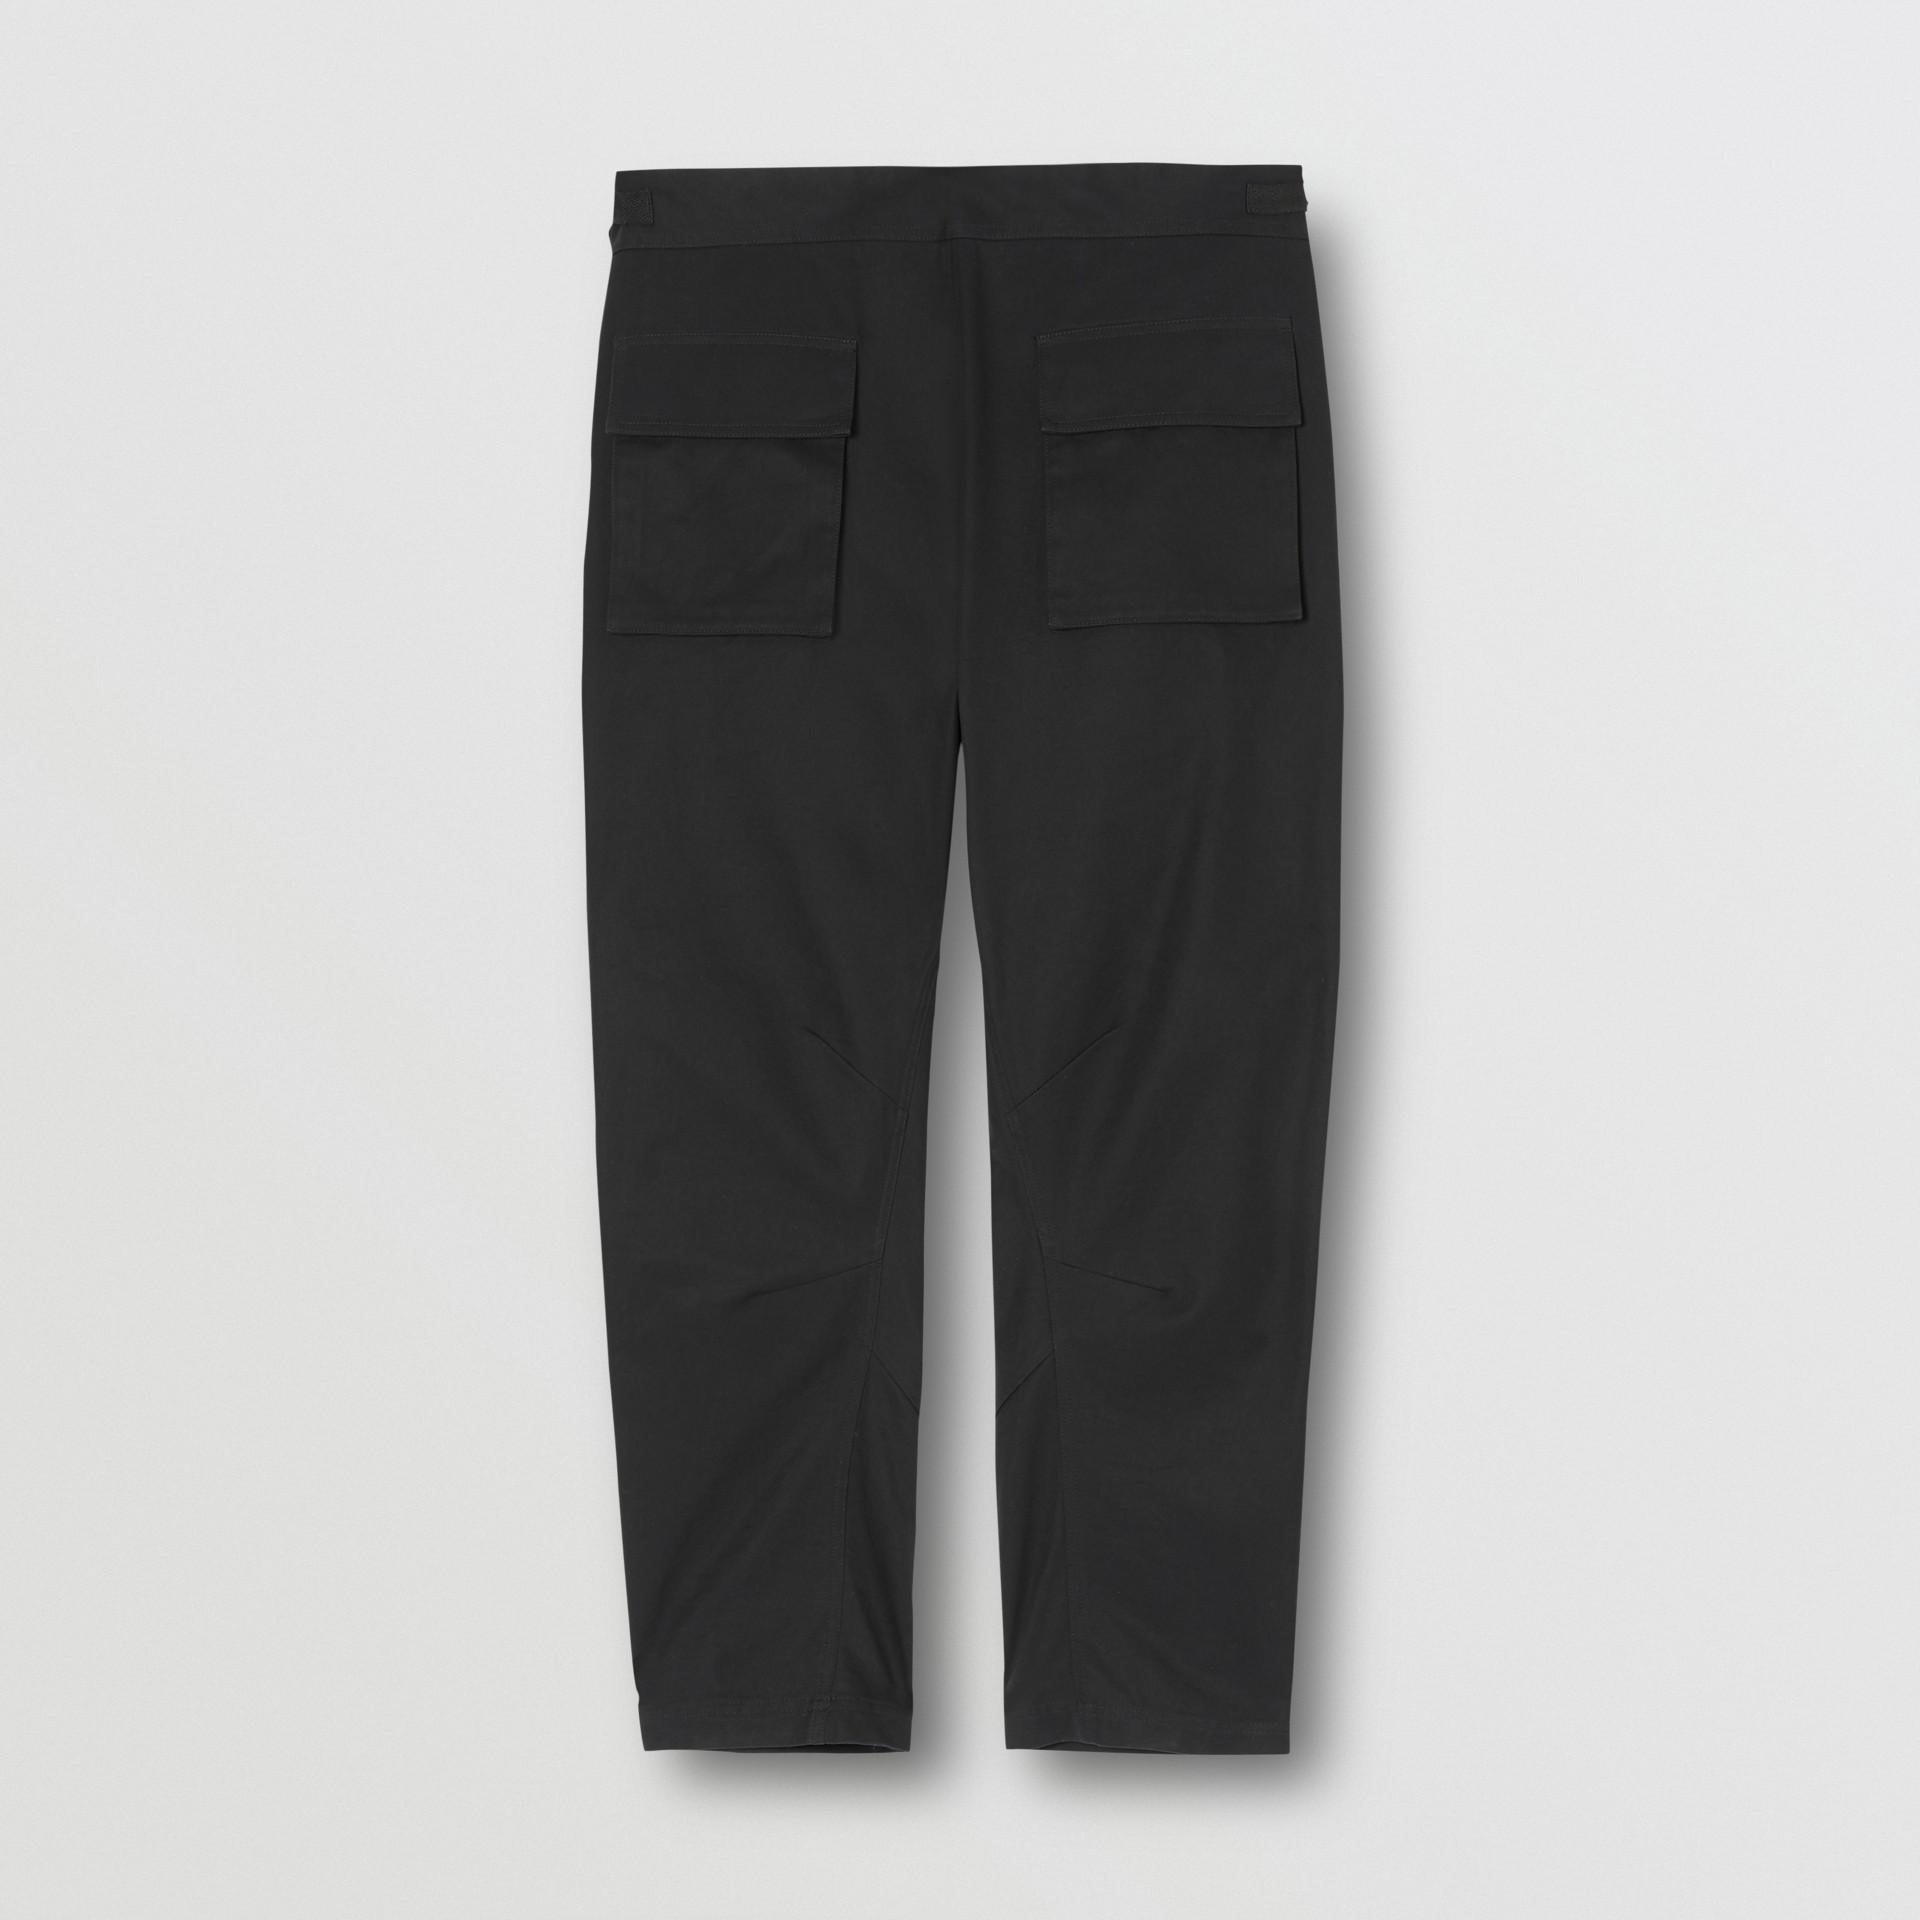 Pantalones tipo cargo en algodón (Negro) - Hombre | Burberry - imagen de la galería 5